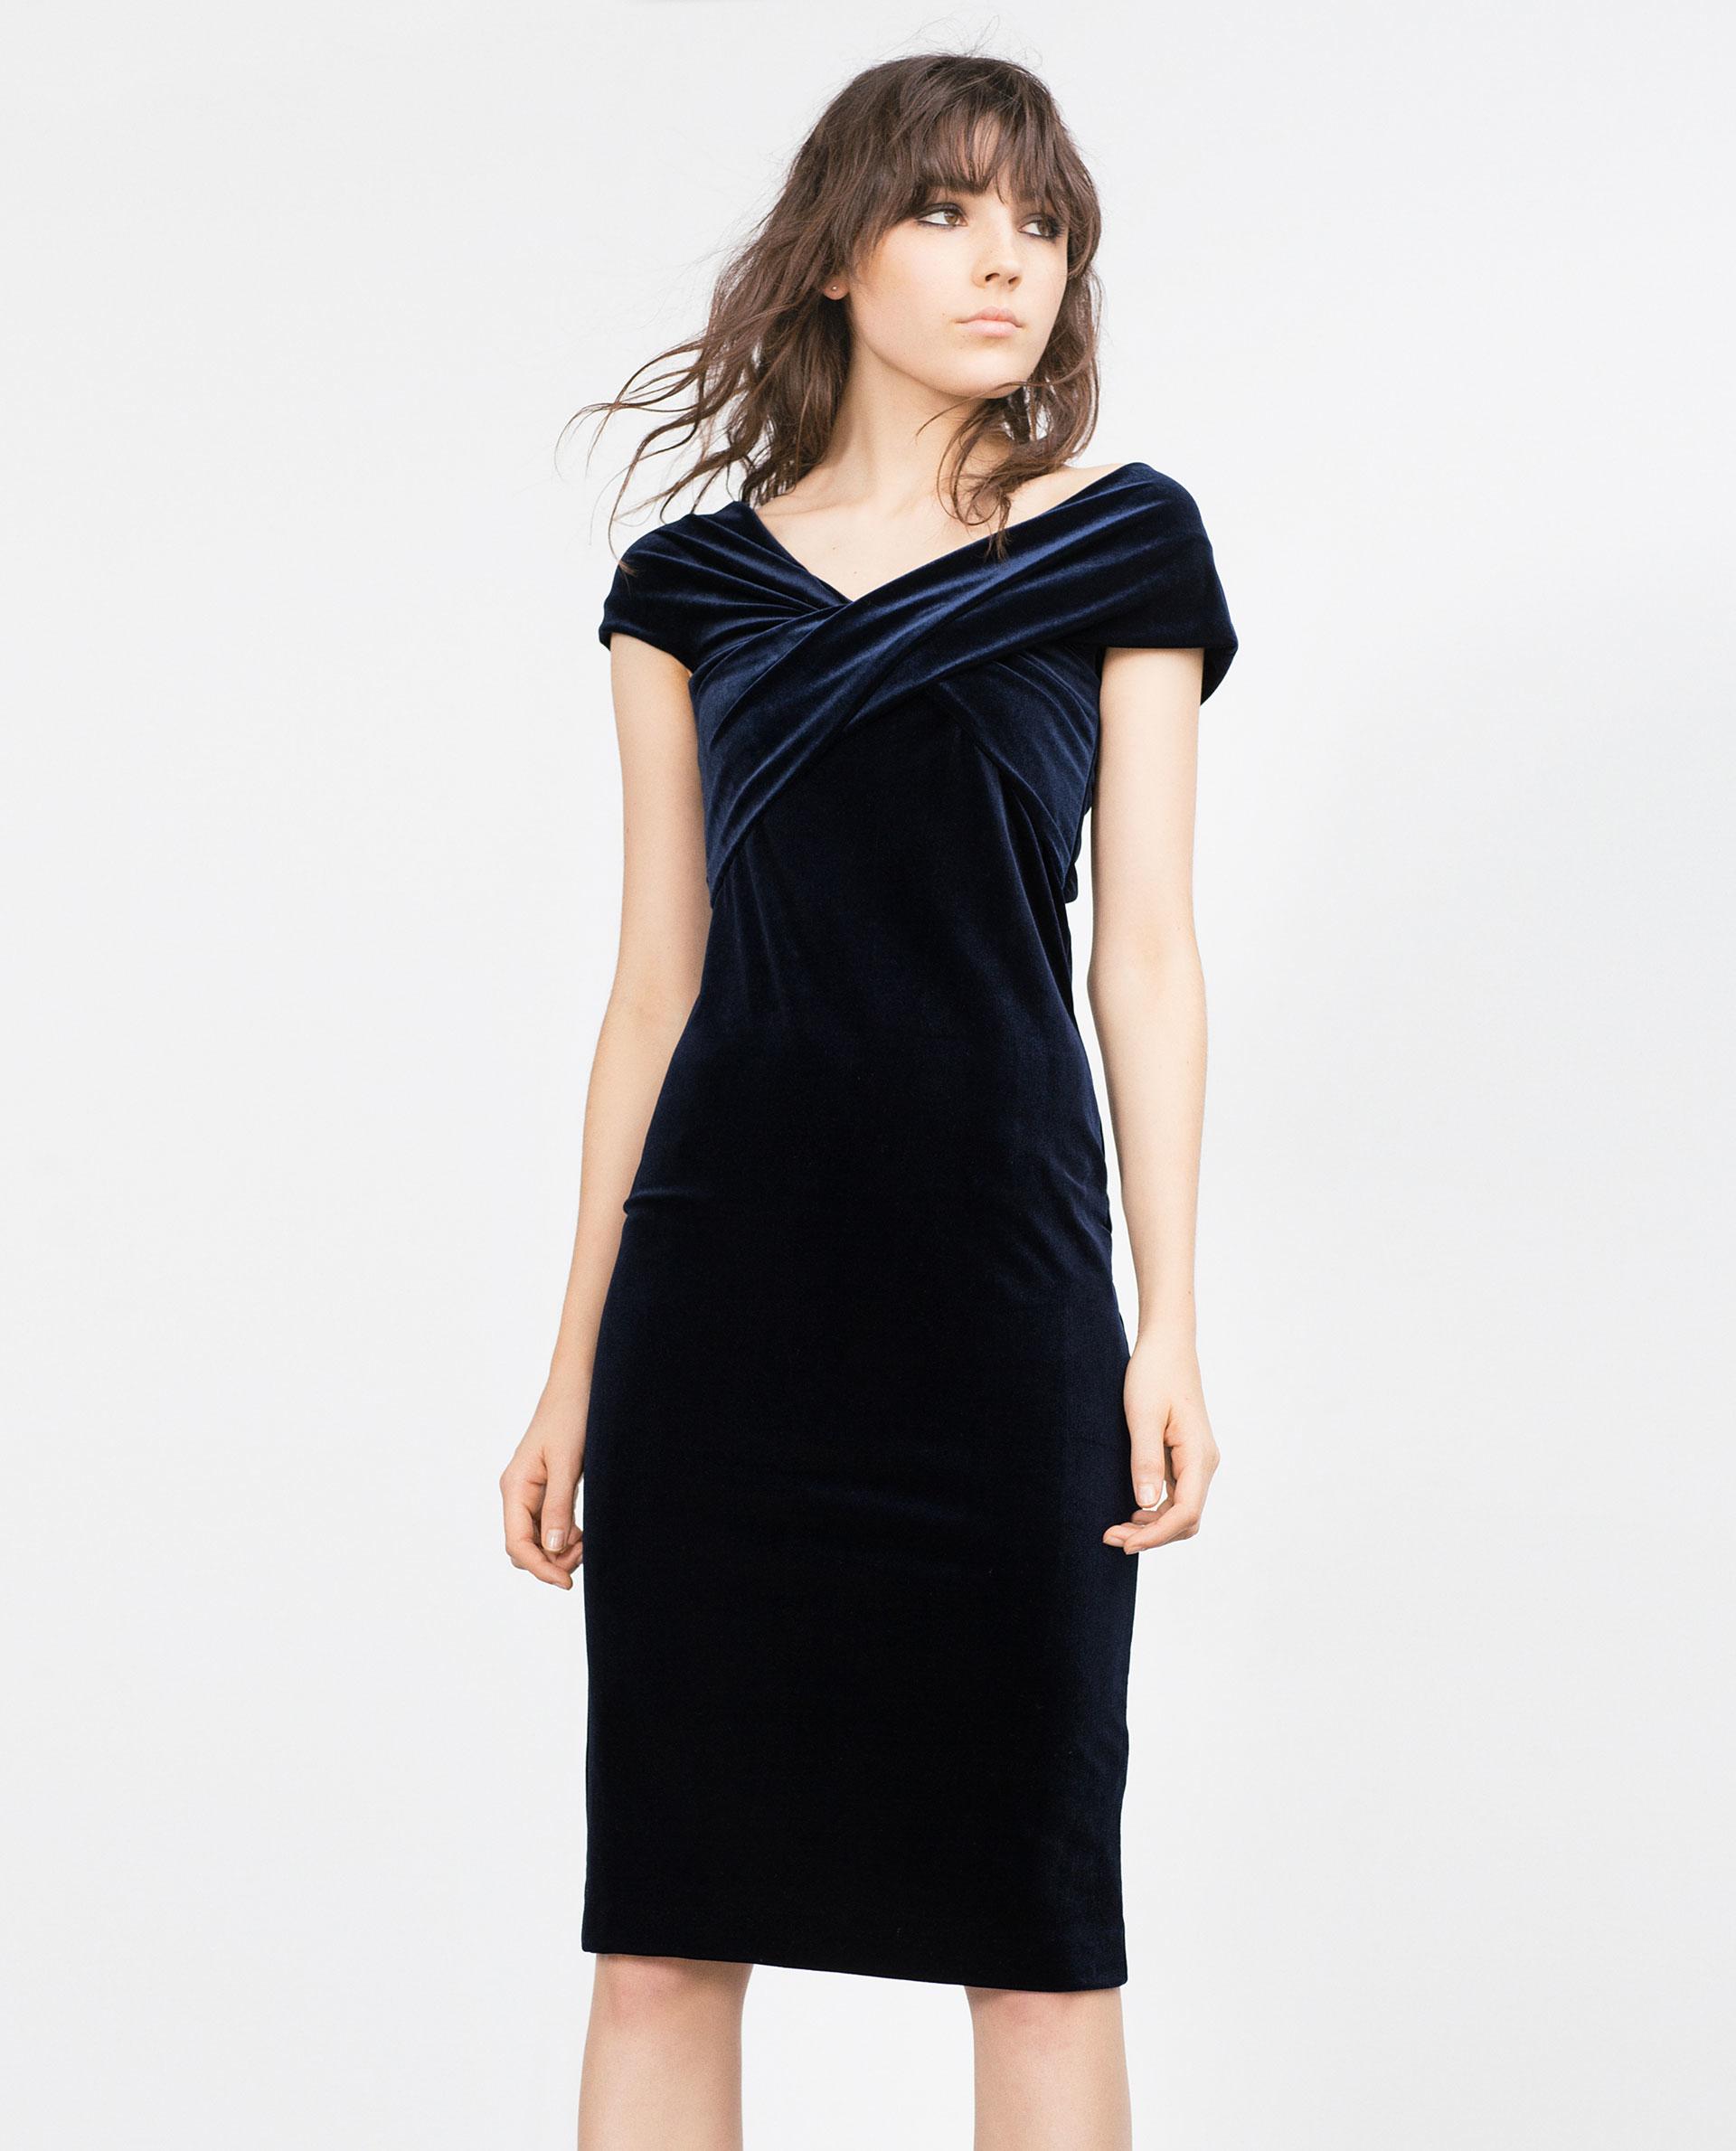 midnight velvet evening dresses photo - 1